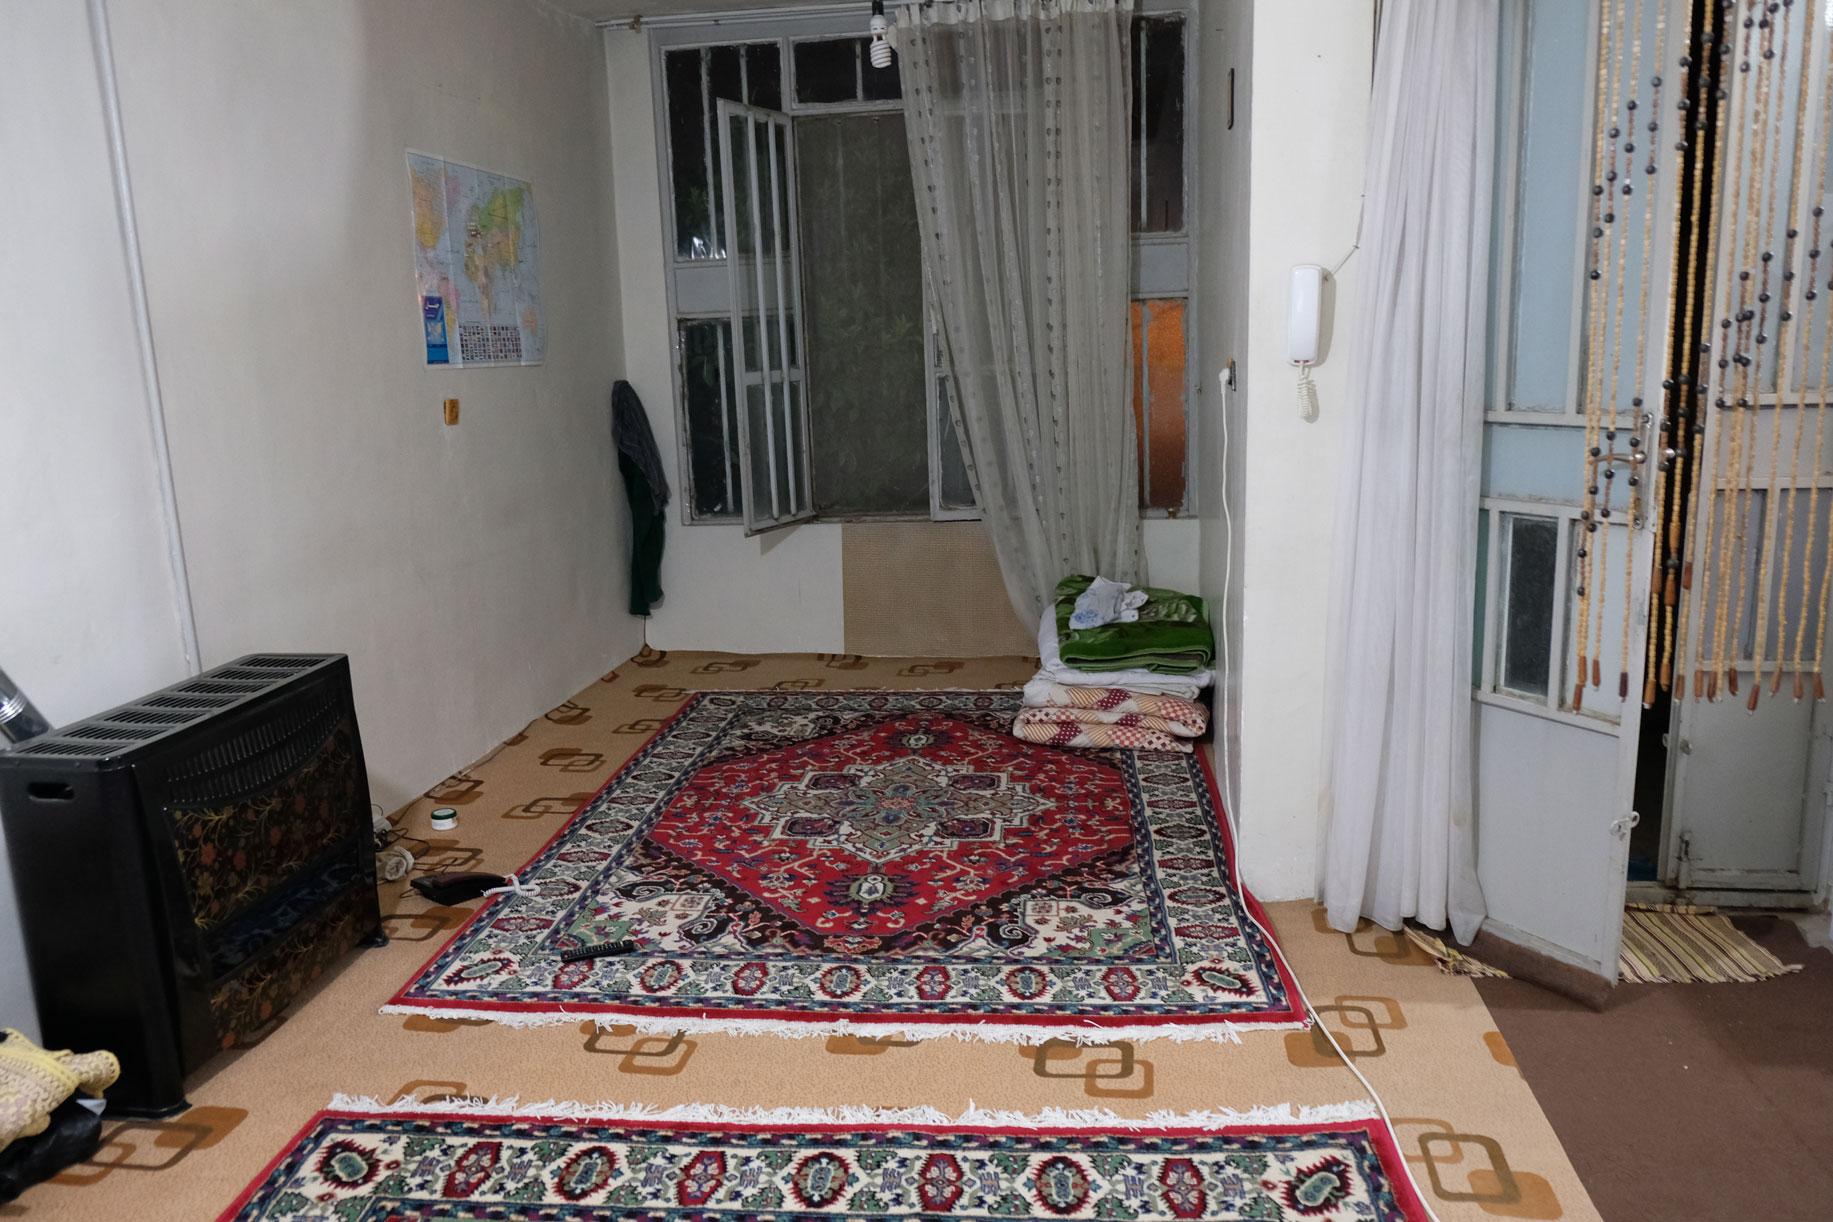 Teppiche auf dem Boden